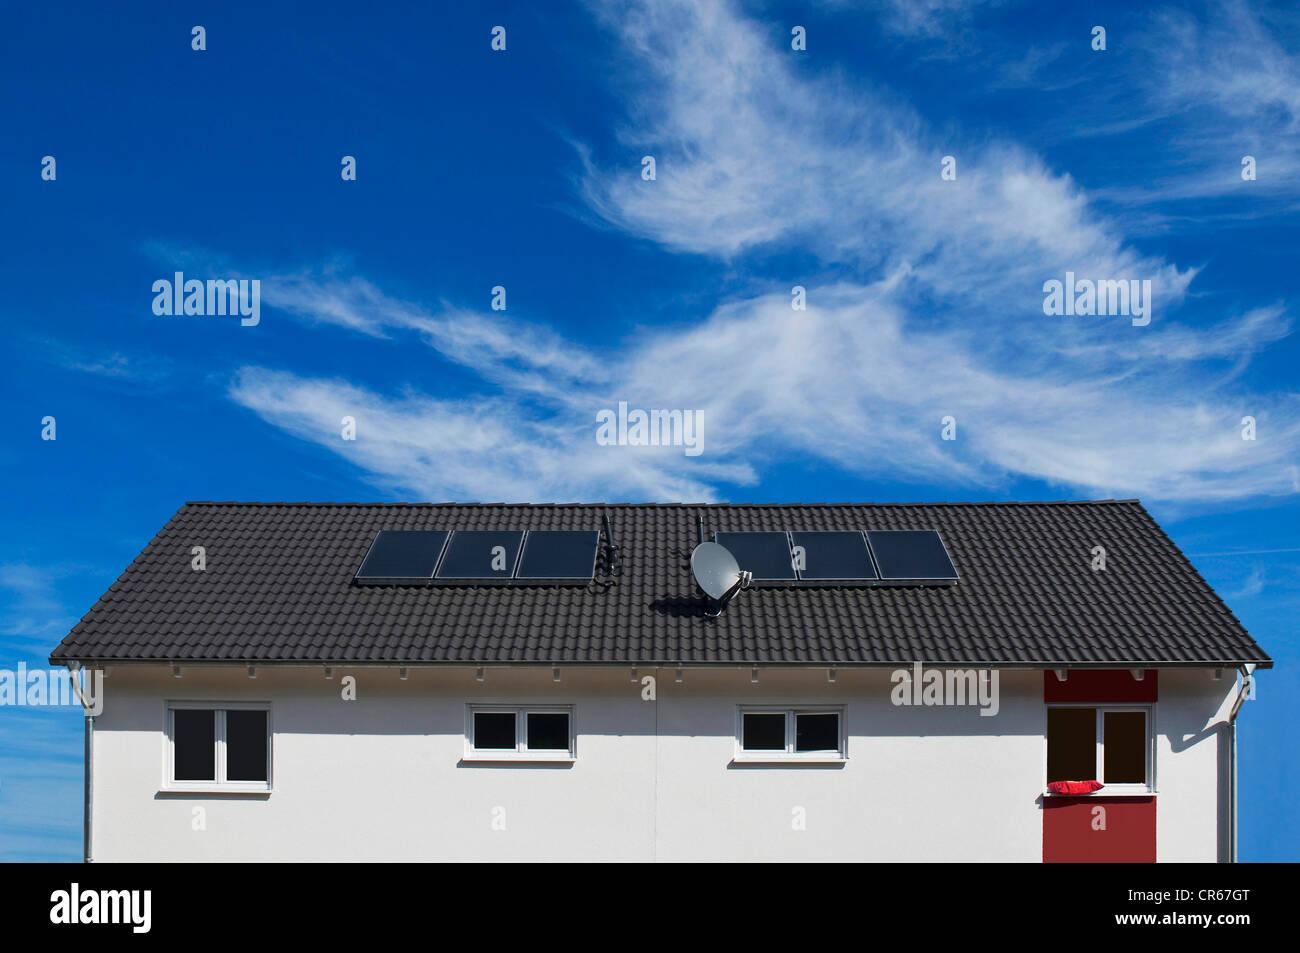 Immeuble résidentiel avec des panneaux solaires pour le chauffage de l'eau sur le toit, de la chaleur solaire, Photo Stock